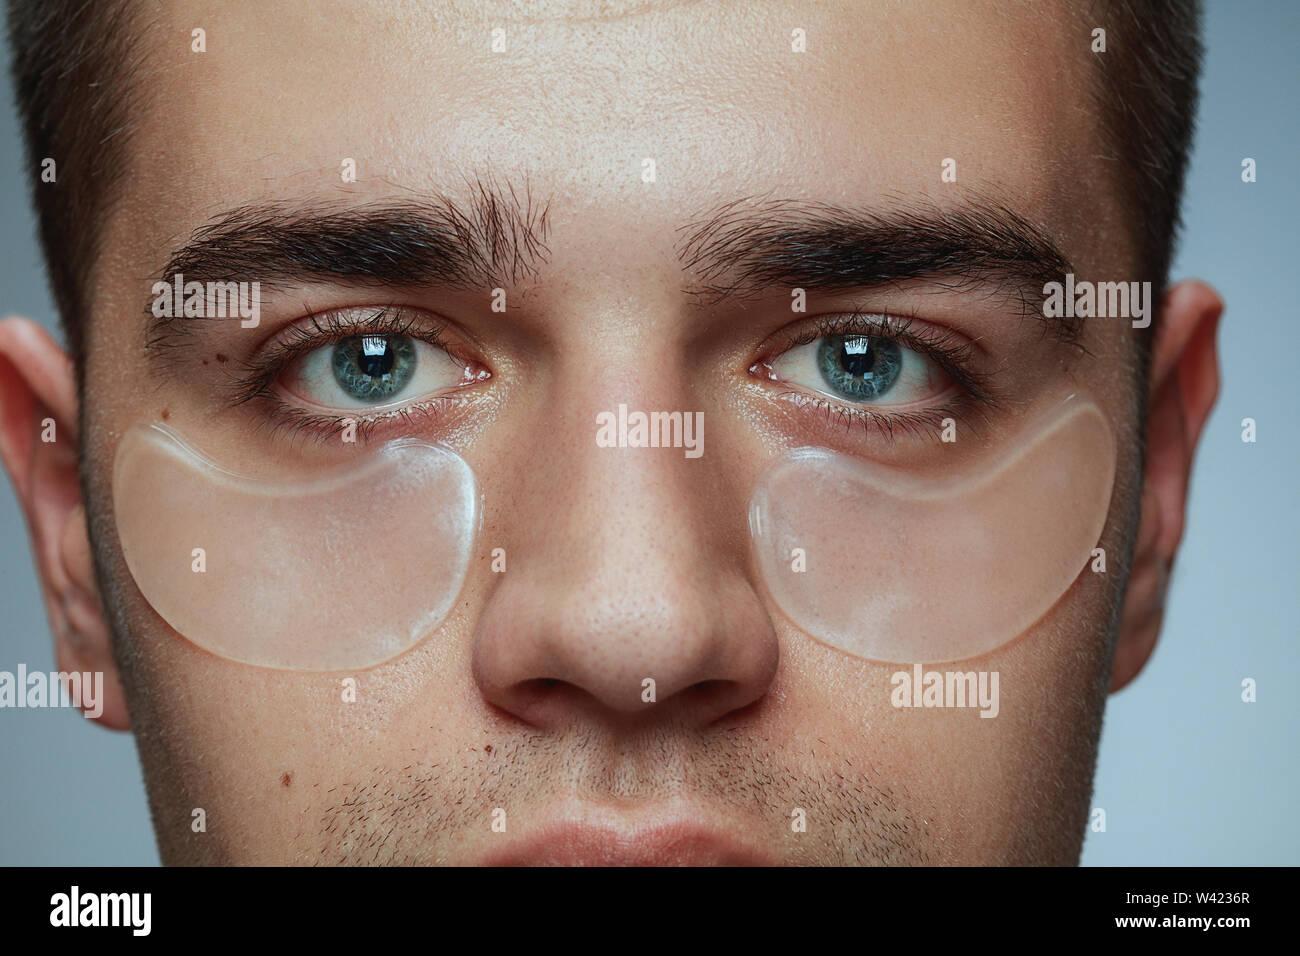 Close-up portrait of young man isolé sur fond studio gris. Visage masculin avec patches collagène sous les yeux. Concept de la santé des hommes et de la beauté, les soins de beauté, soins du corps et de la peau. Anti-vieillissement. Photo Stock